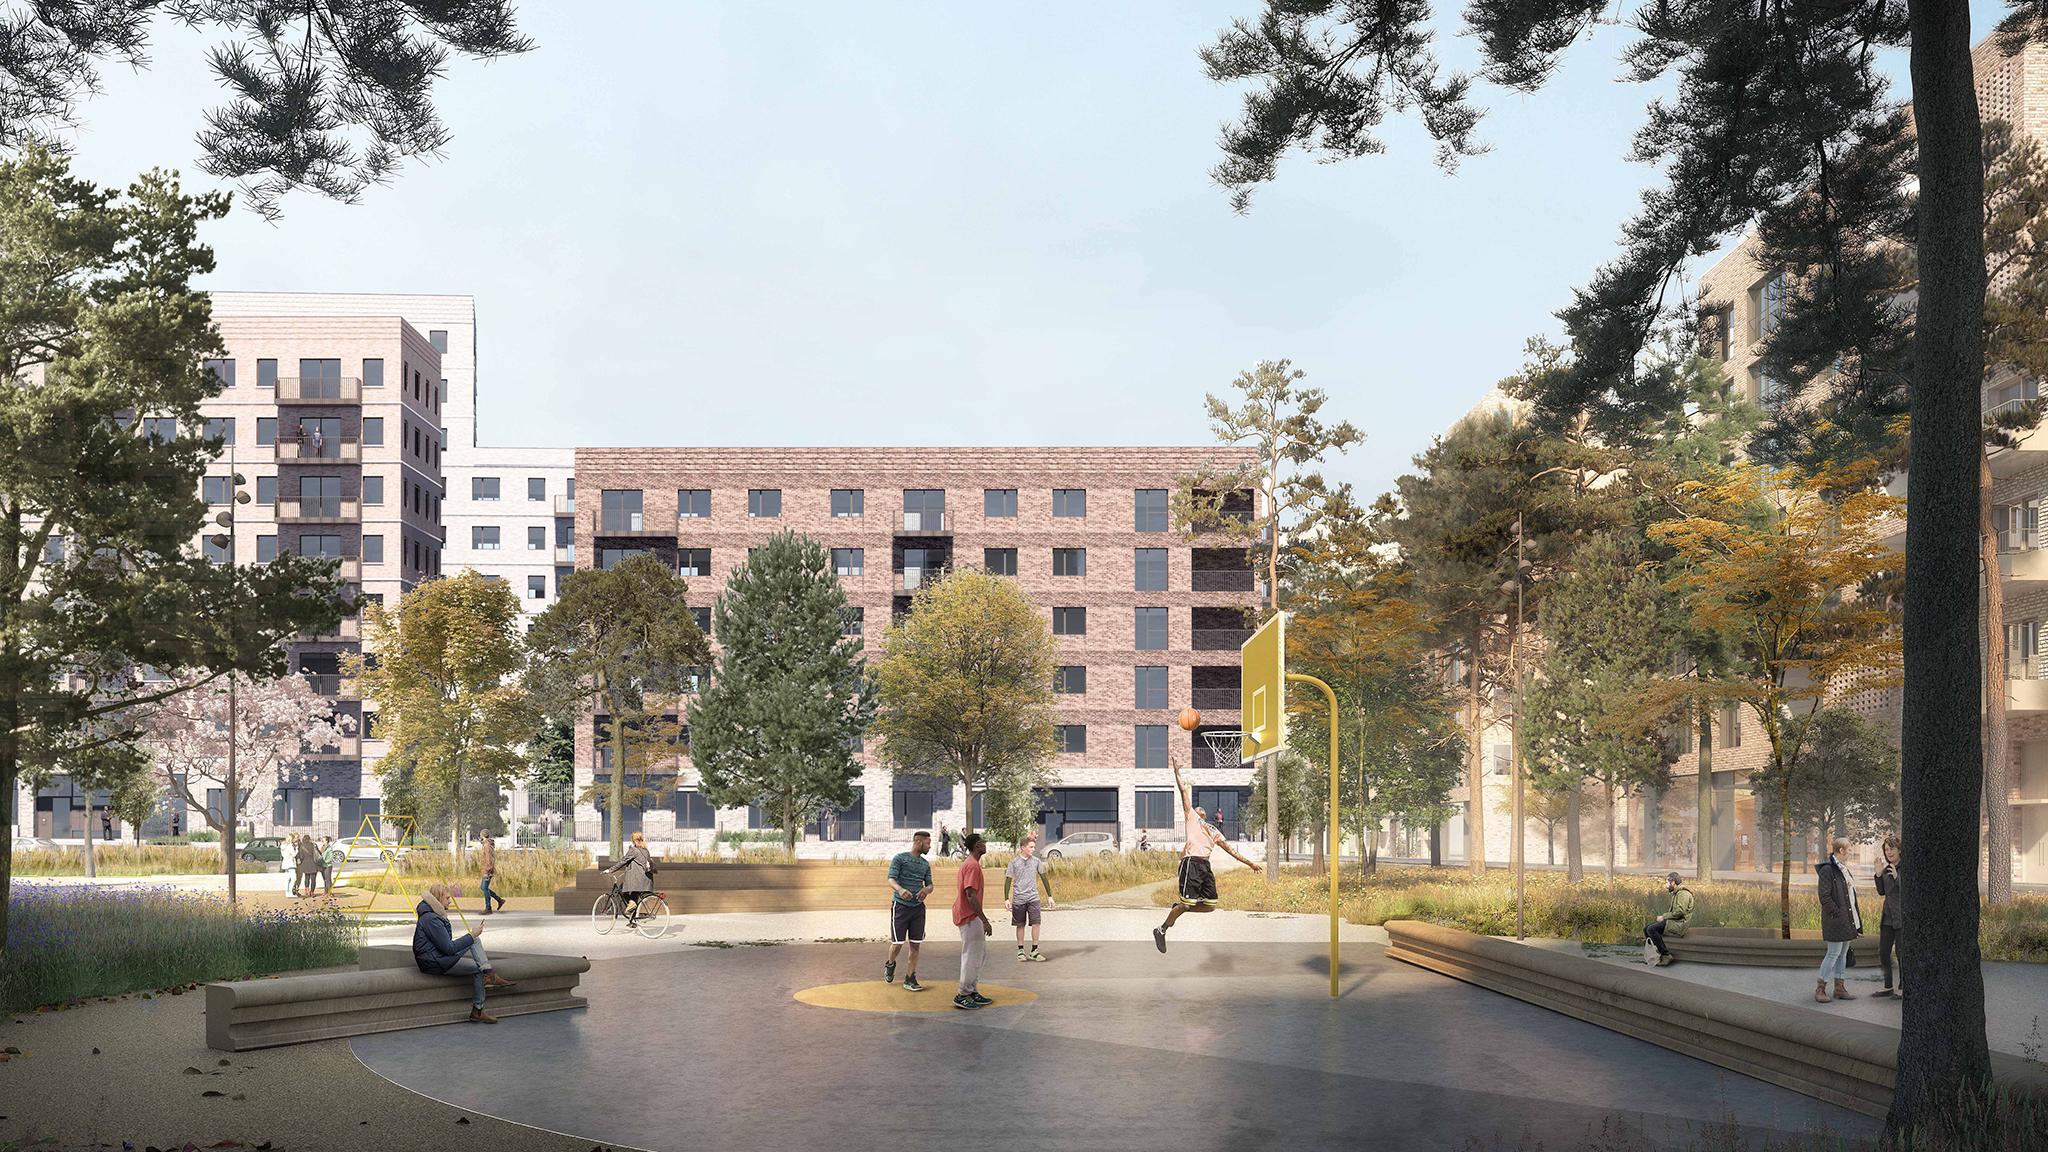 Gascoigne Estate Regeneration (Placemaking Strategy, East Phase 2, West Phase 1 + 2)